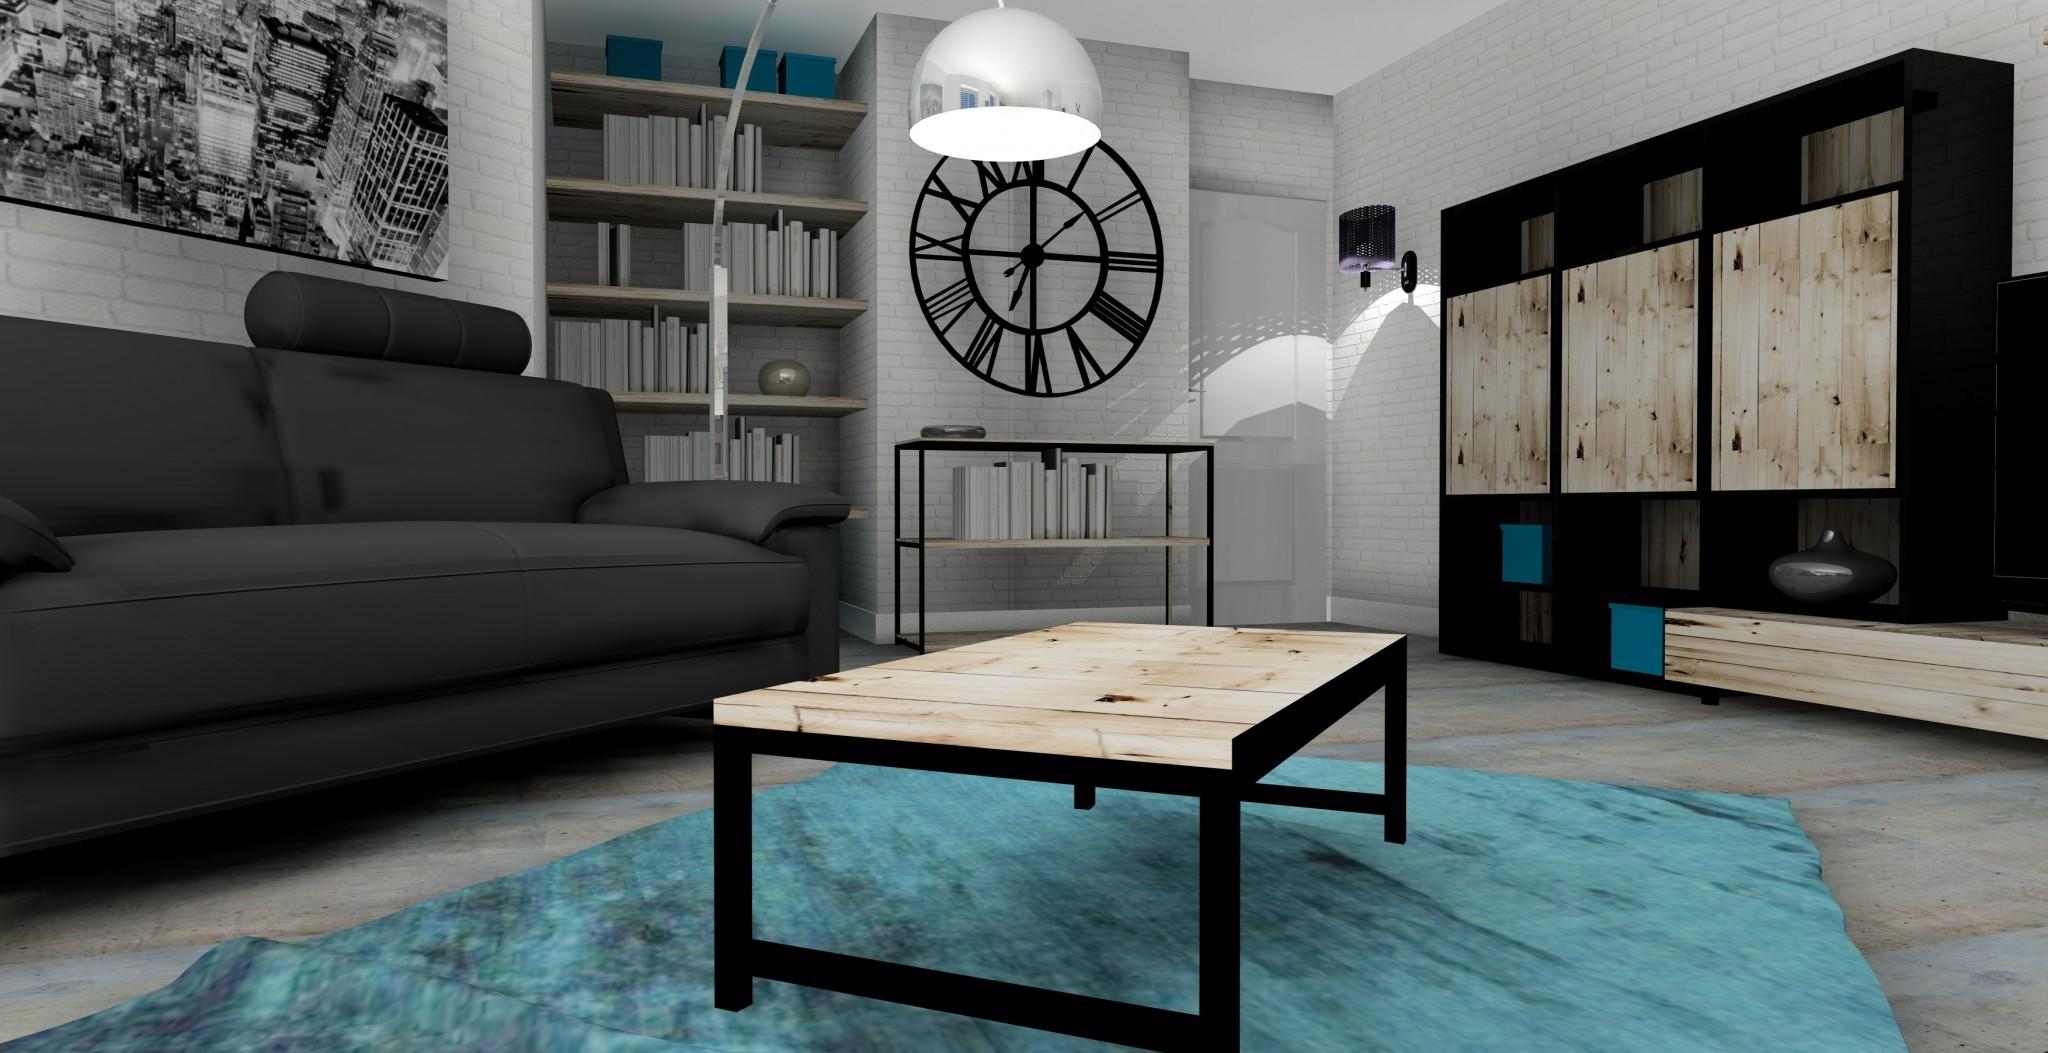 Sandrine bertin d coratrice architecte d 39 int rieur reims for Architecte region parisienne